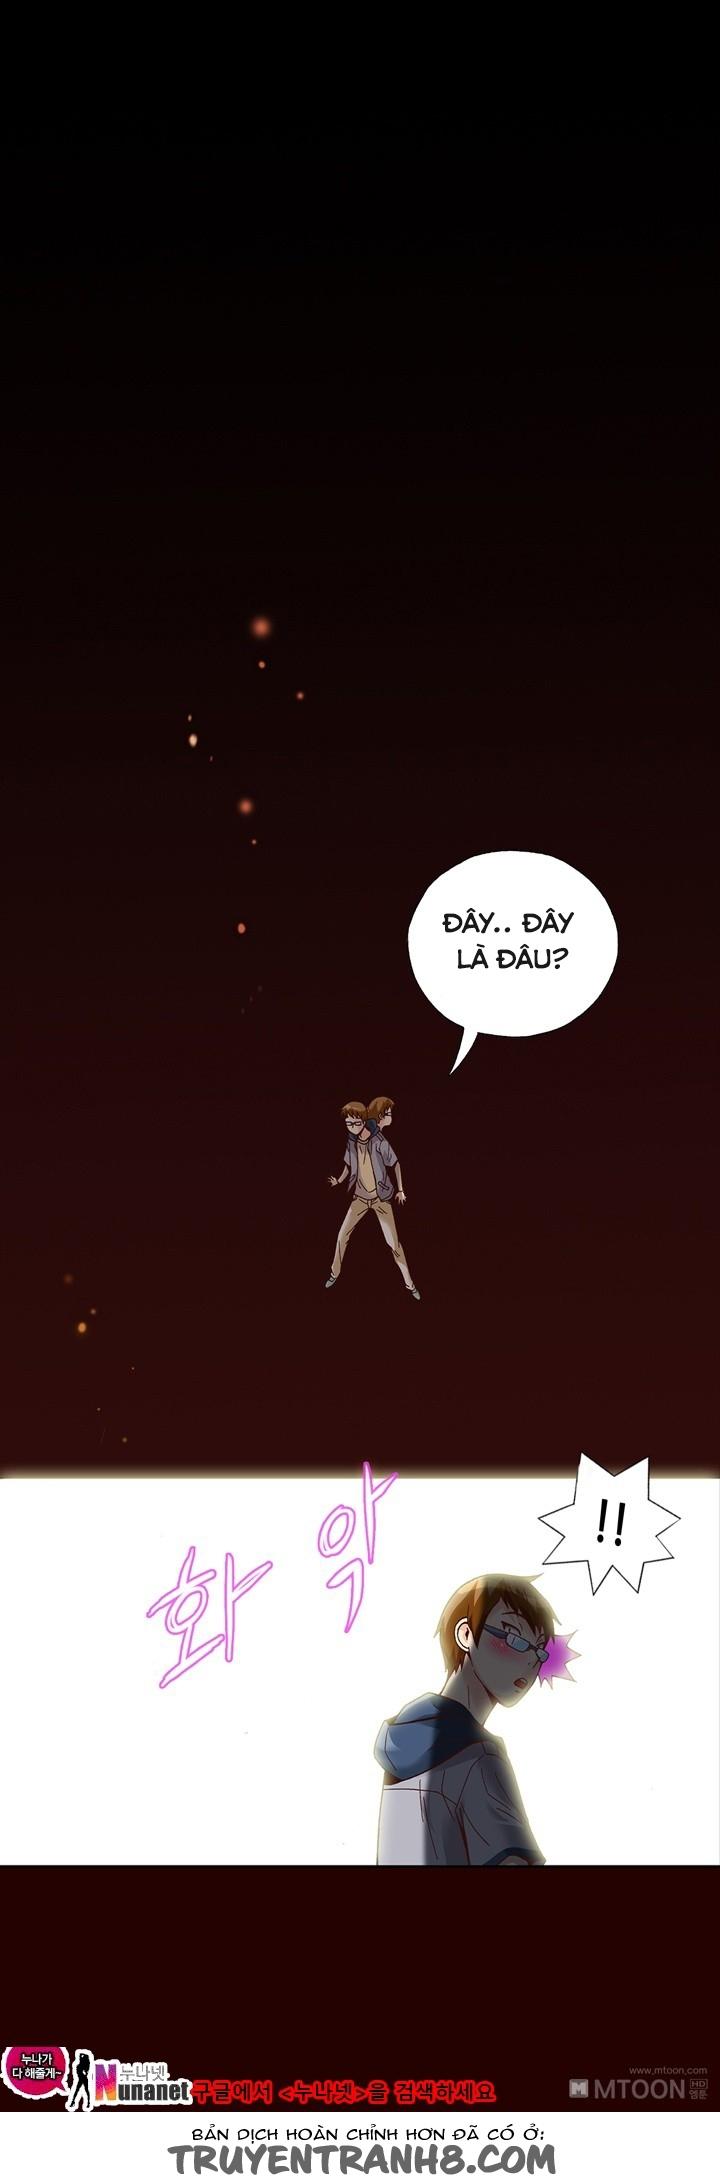 Hình ảnh 03 trong bài viết [Siêu phẩm] Hentai Màu Xin lỗi tớ thật dâm đãng